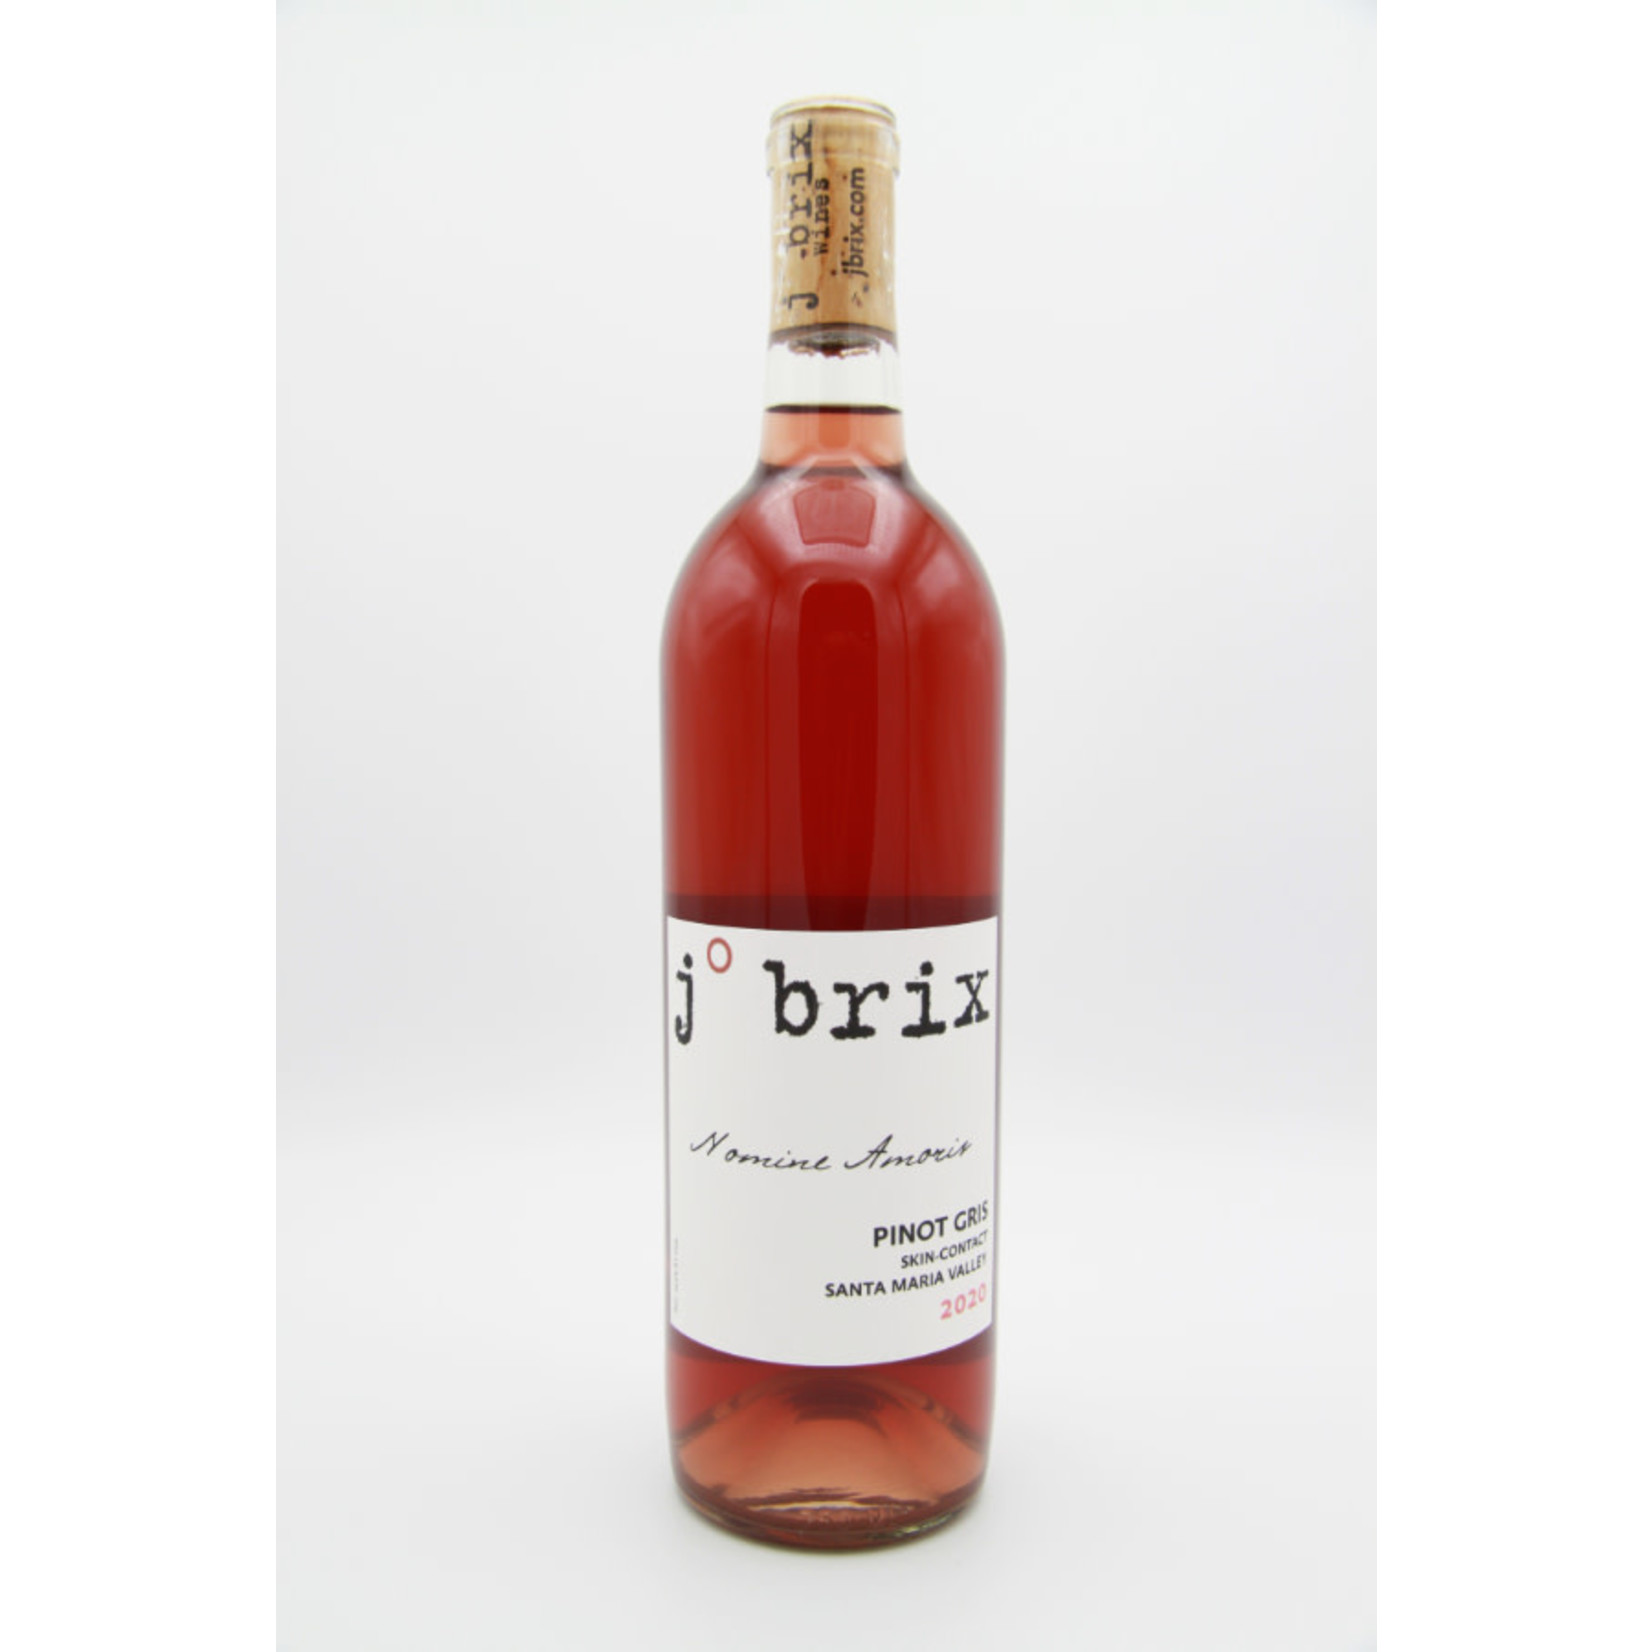 2020 J. Brix 'Nomine Amoris' Skin-Contact Pinot Gris